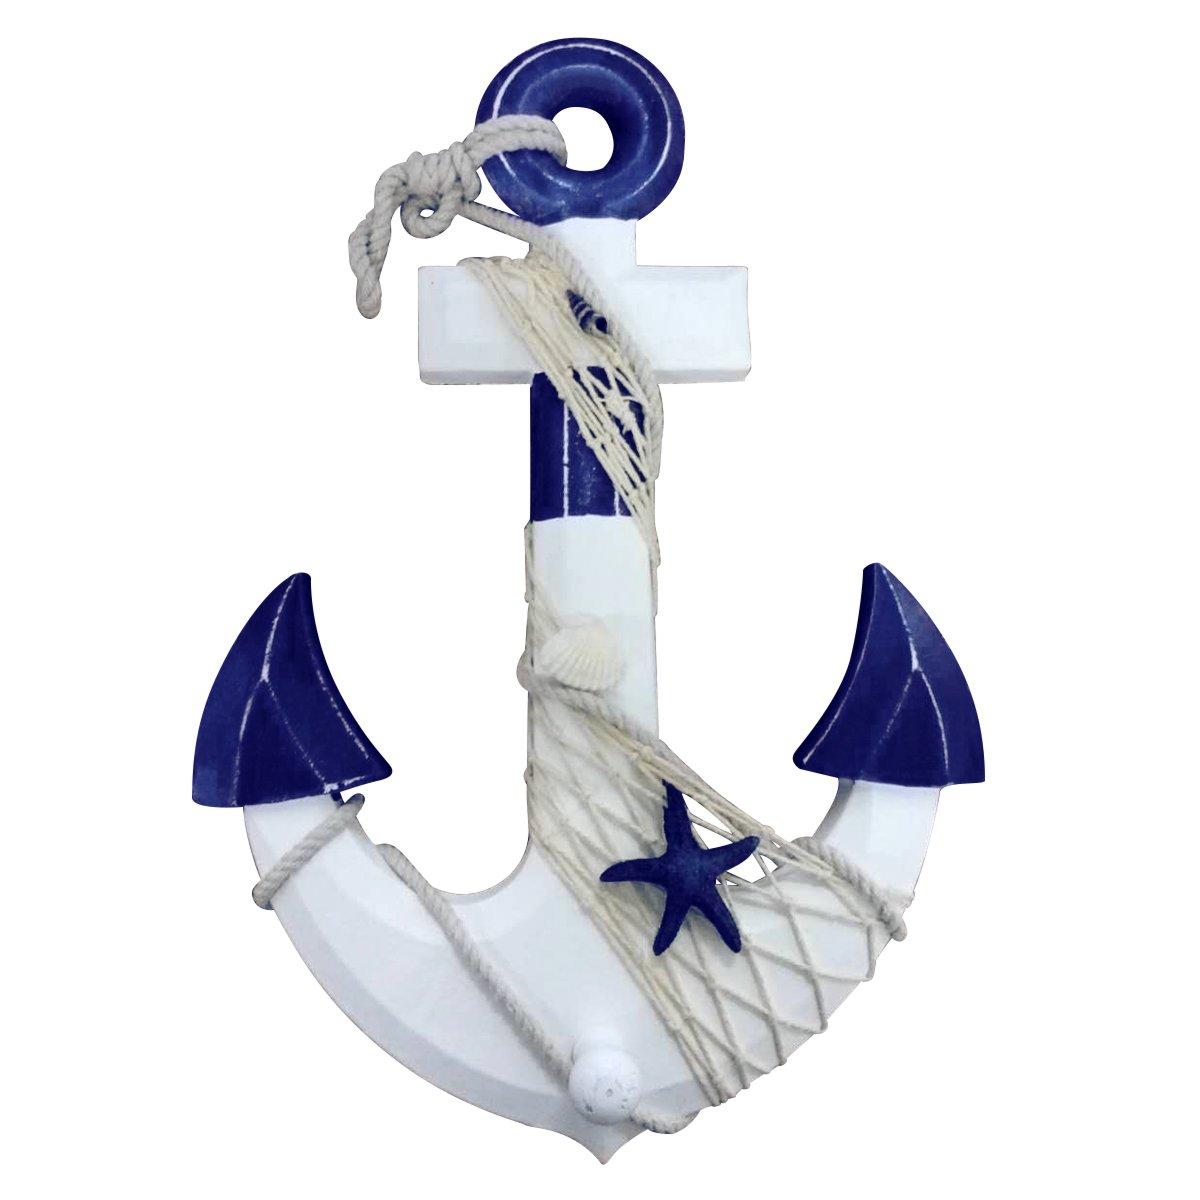 WINOMO Small Sea Shell White Nautical Decor Ornaments Pack of 100